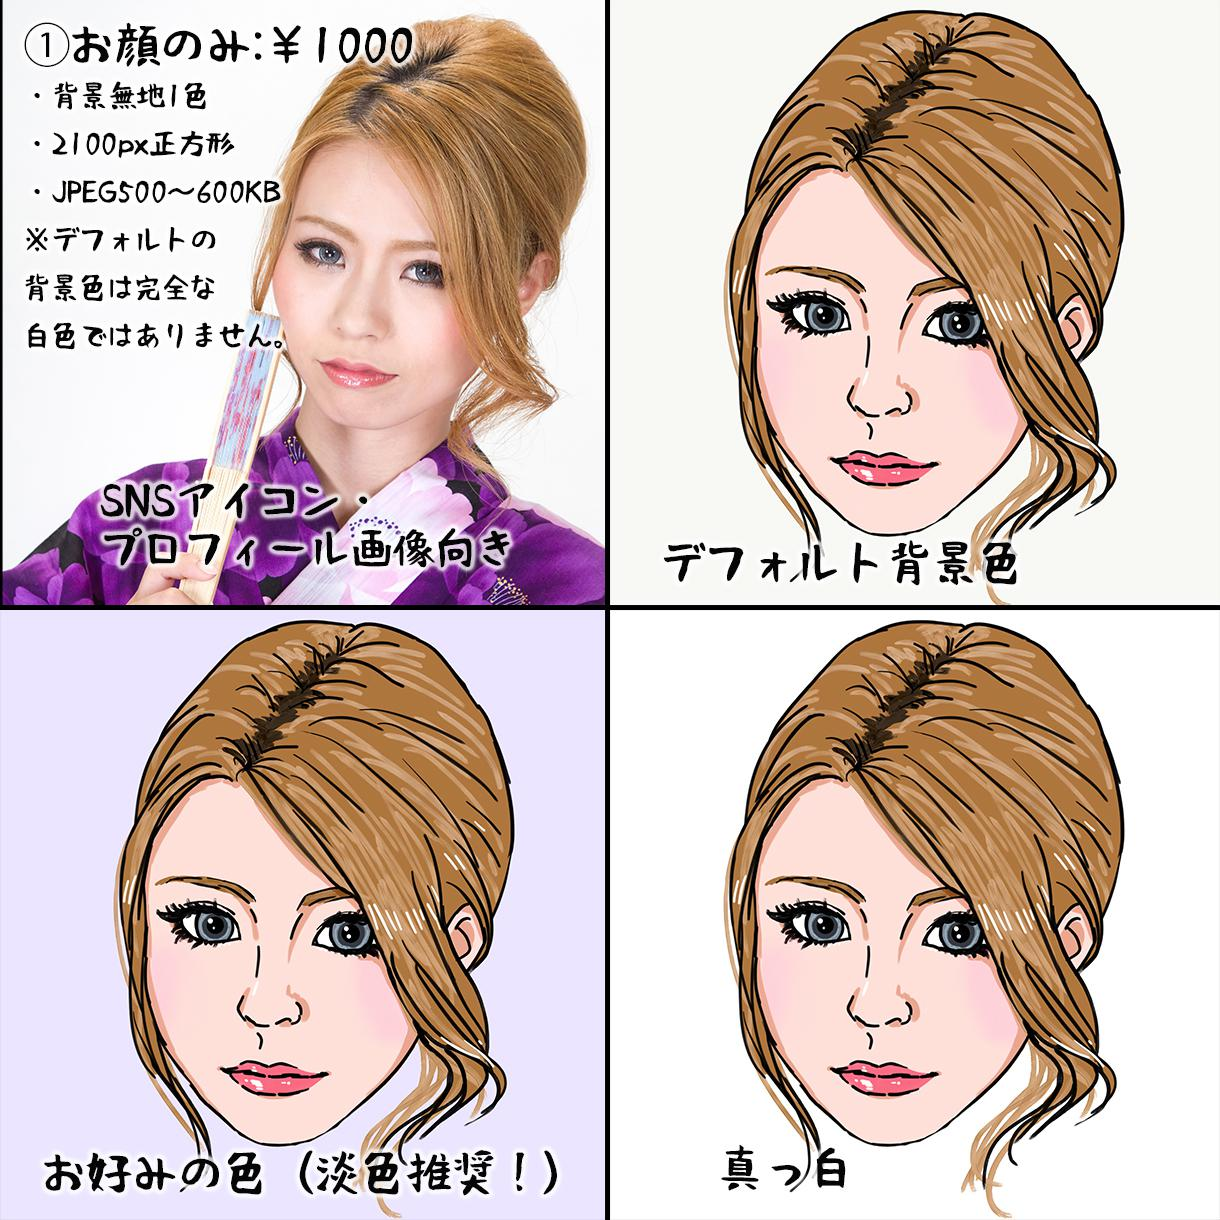 お顔メインで☆似顔絵描きます はっきりした線画、色使いがお好みの方へ